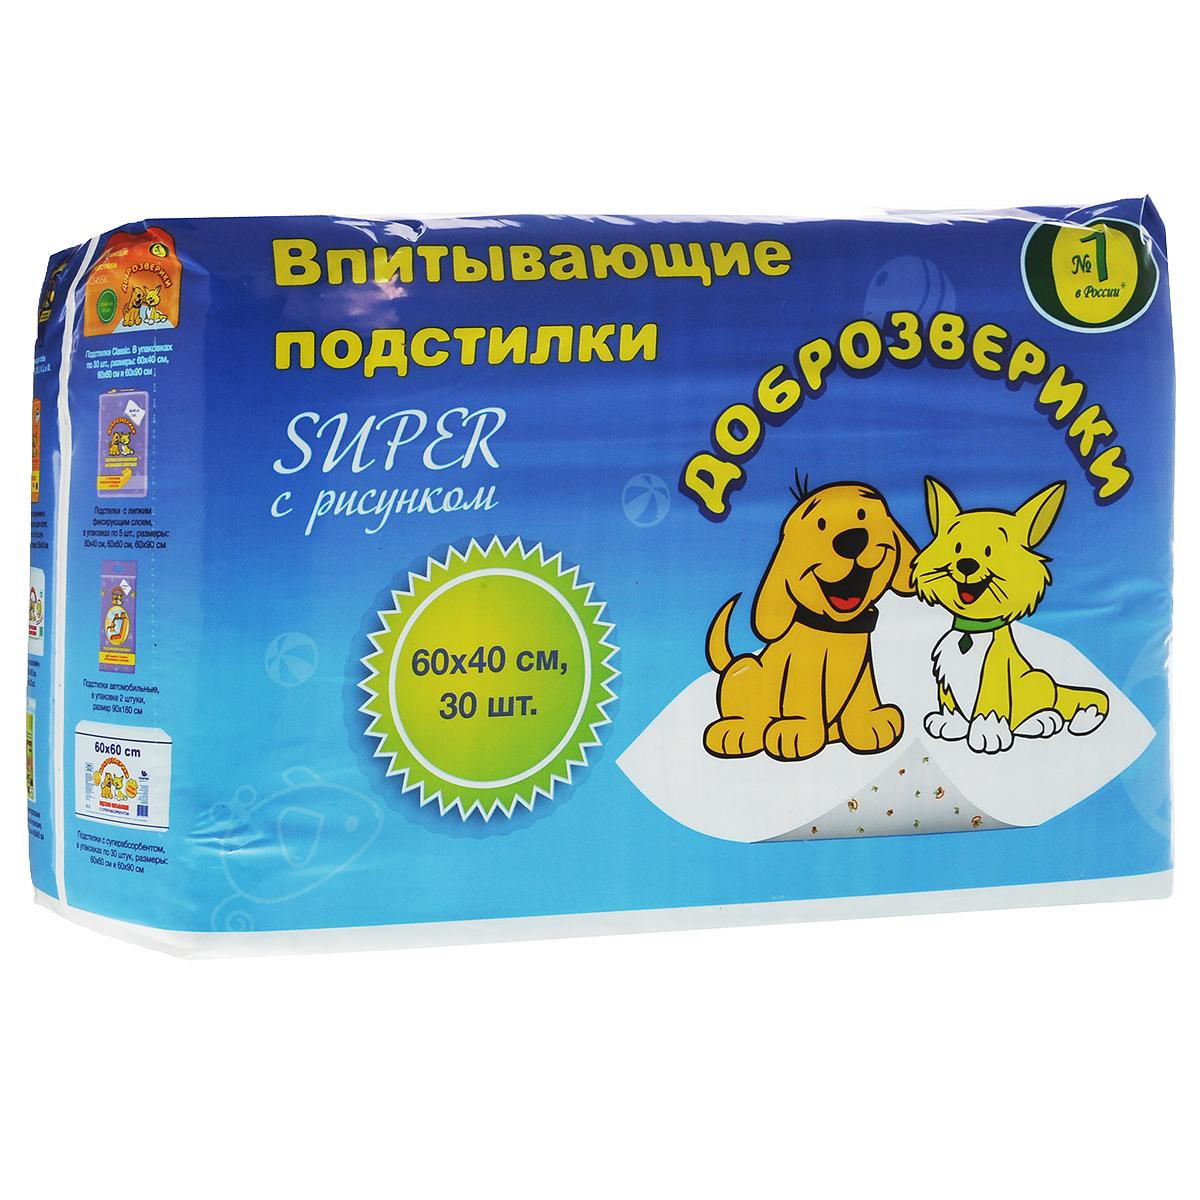 Подстилки для домашних животных  Доброзверики , впитывающие, 60 см х 40 см, 30 шт - Средства для ухода и гигиены